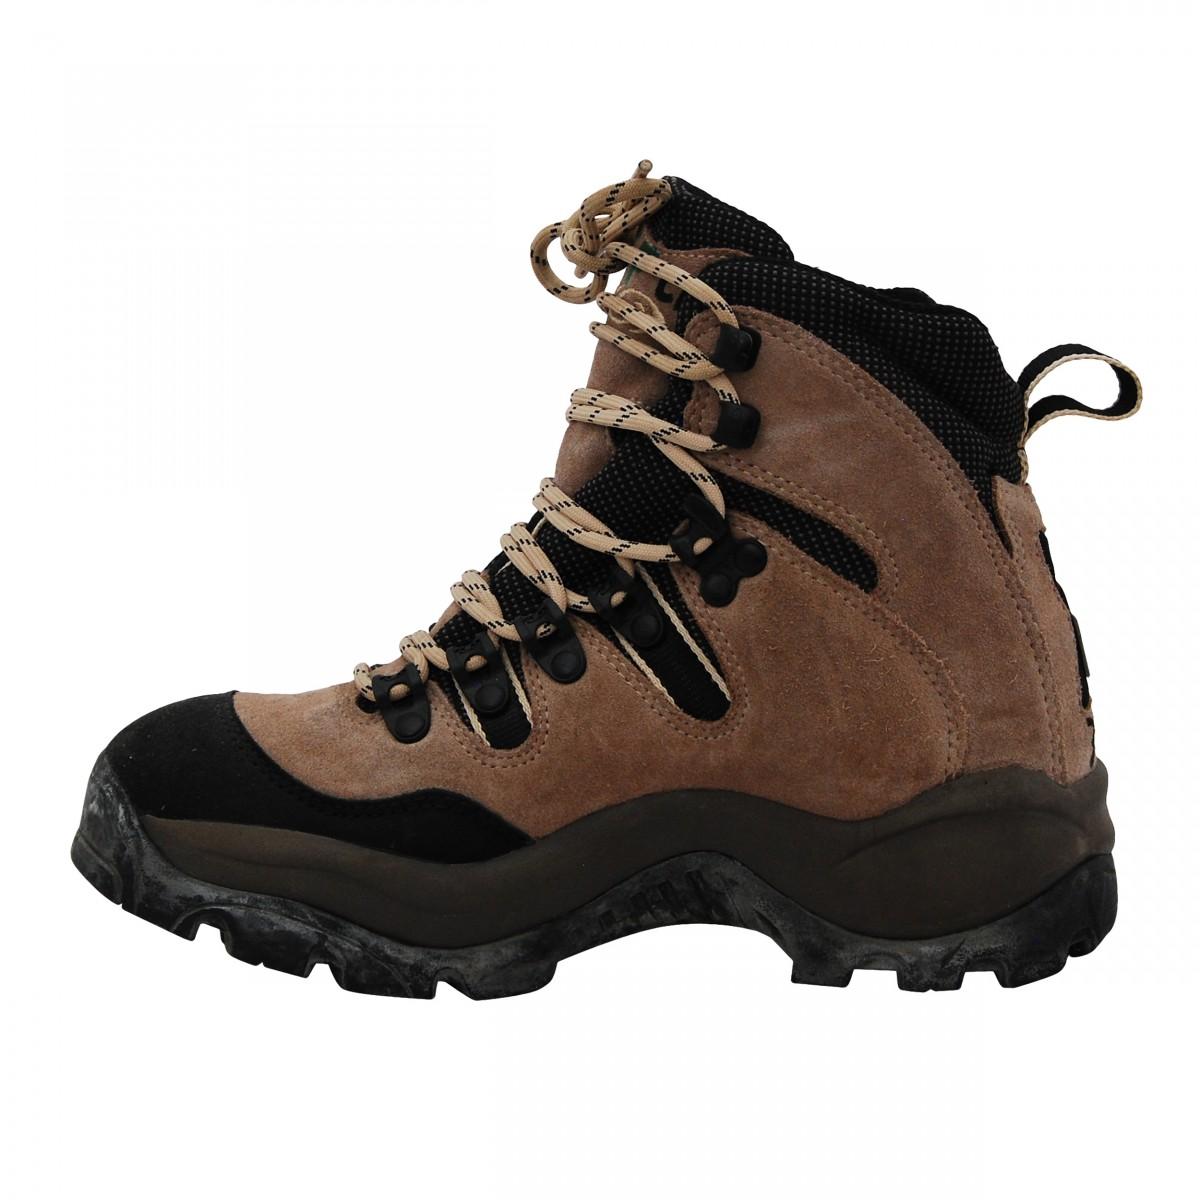 Chaussure deraquette ou de randonnée marche occasion junior Salomon